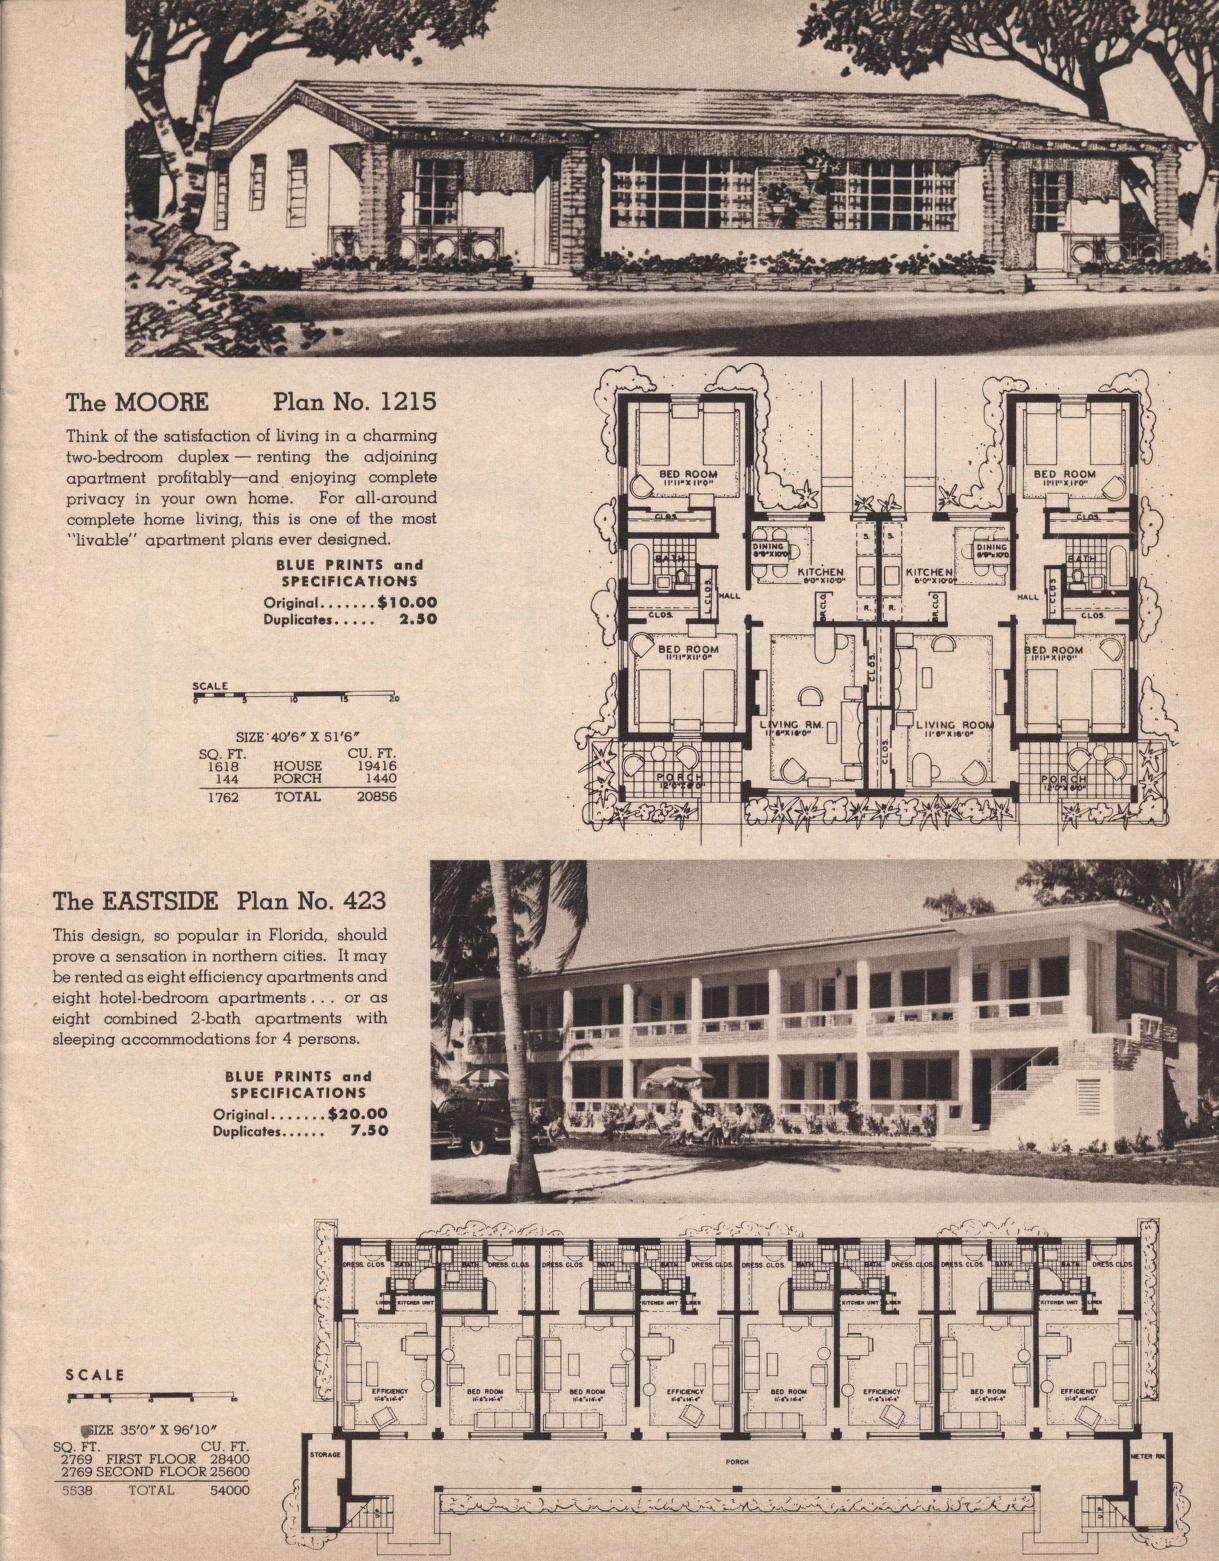 Plans For Hotels Apartments Tourist Courts Page X2f N0 X2f Mode X2f 2up How To Plan Tourist Apartment Plans